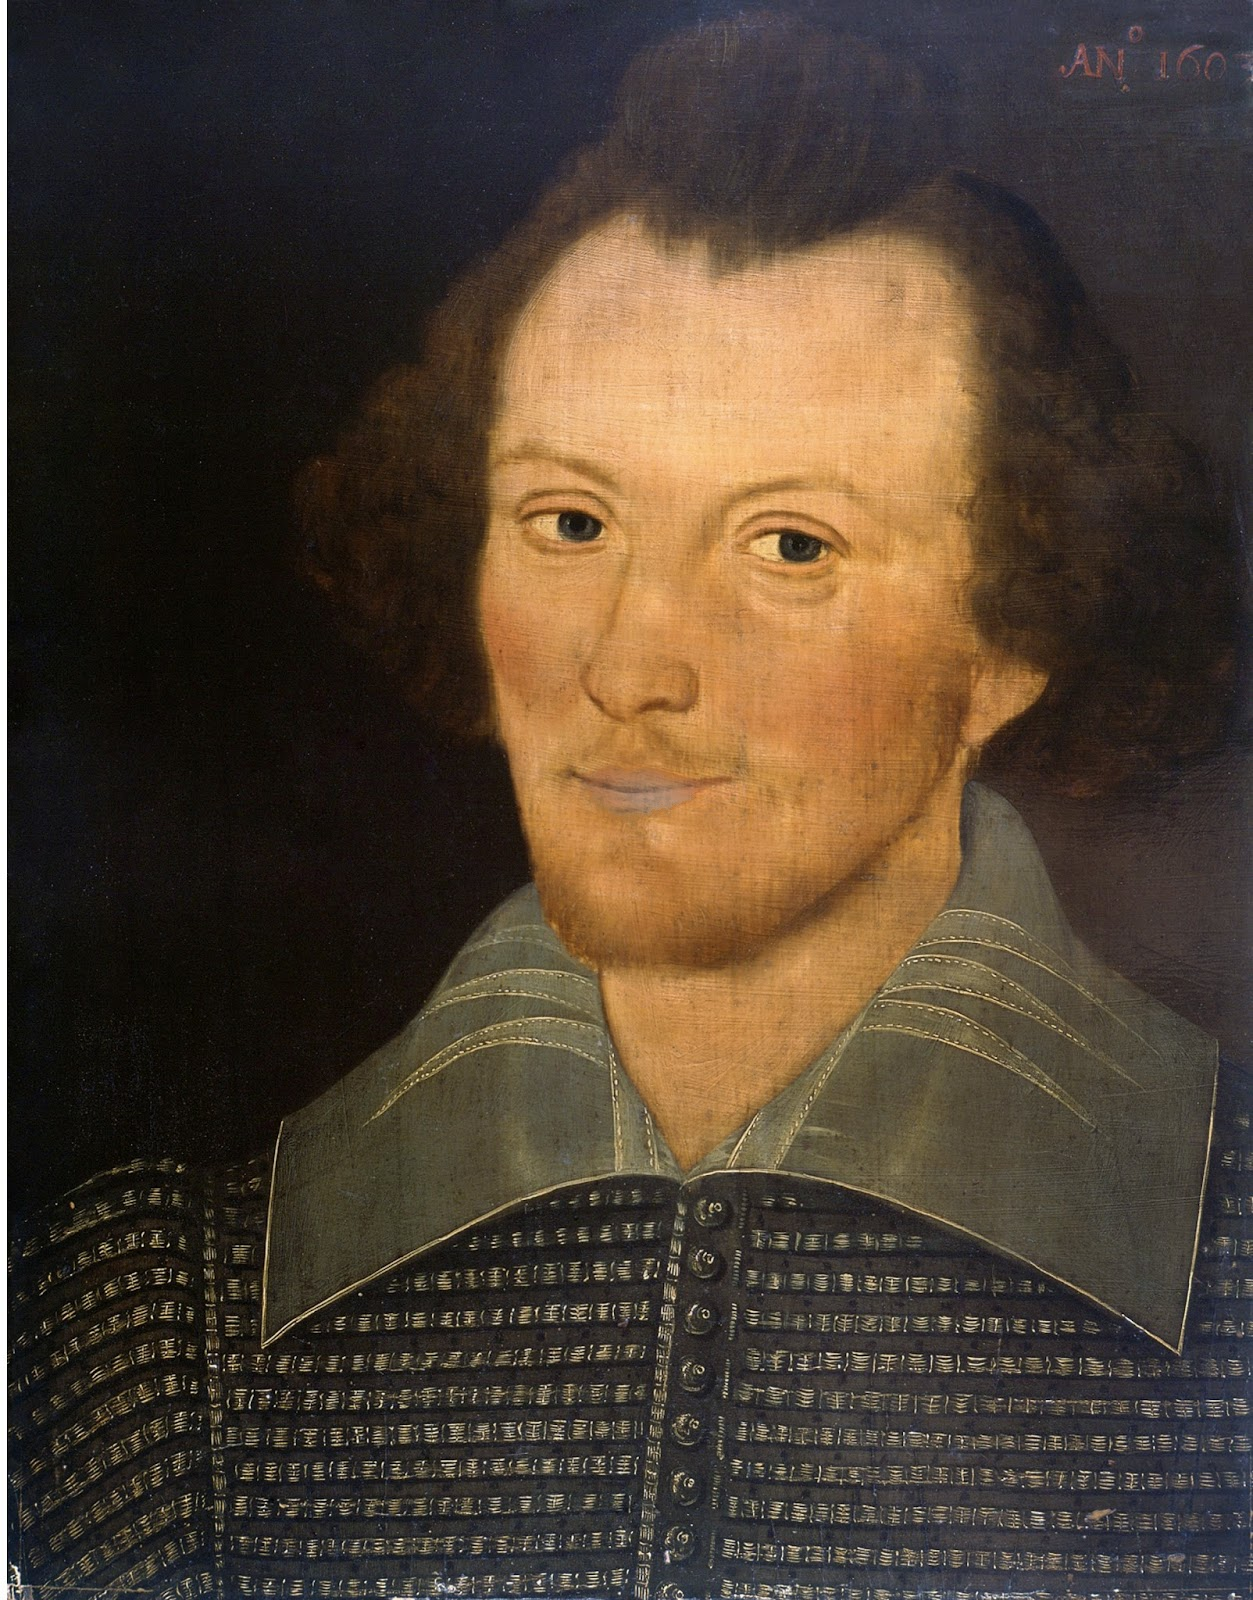 William shakespeare essay topics